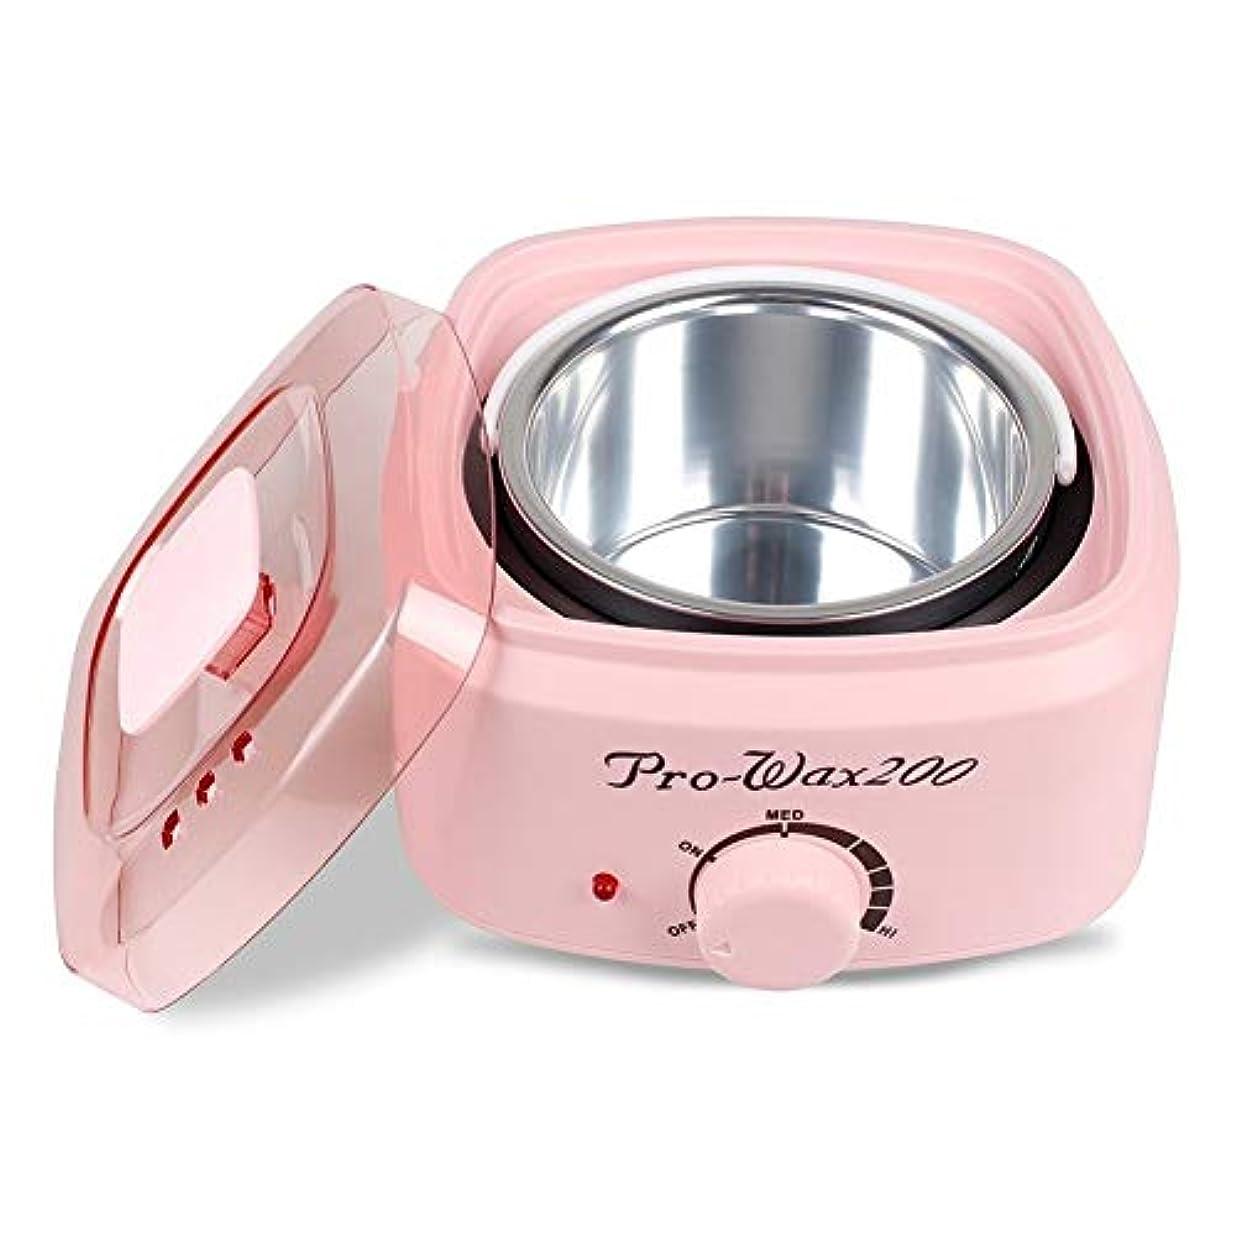 倉庫カートラウズワックス脱毛ツールプロフェッショナルウォーマーワックスヒータースパ手足脱毛器D脱毛スキンケアパラフィンワックスマシンために女性と男性500CC (Color : Pink)